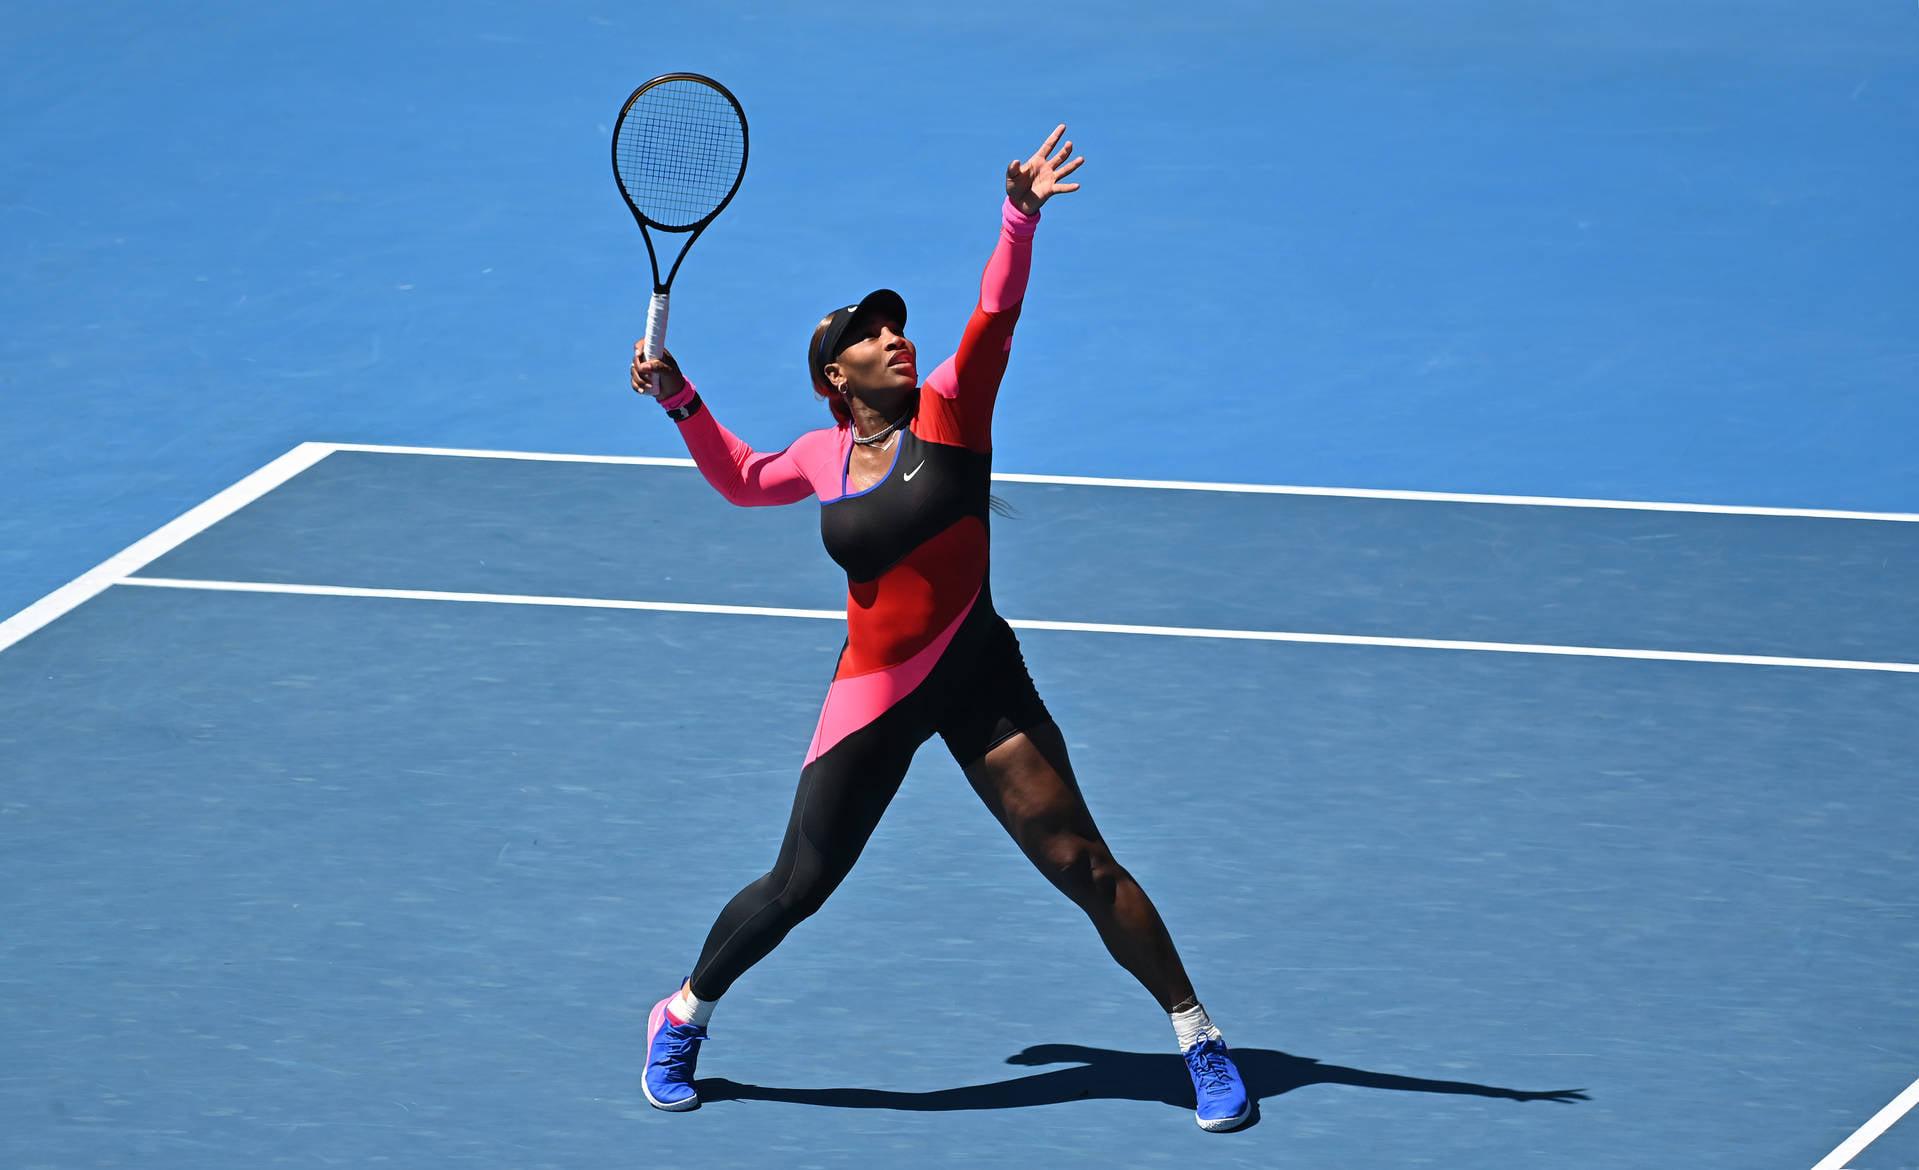 """fOTO Billie Jean King Cup 4 - Serena Williams: """"Če želi igrati na moč, potem gremo na moč!"""""""